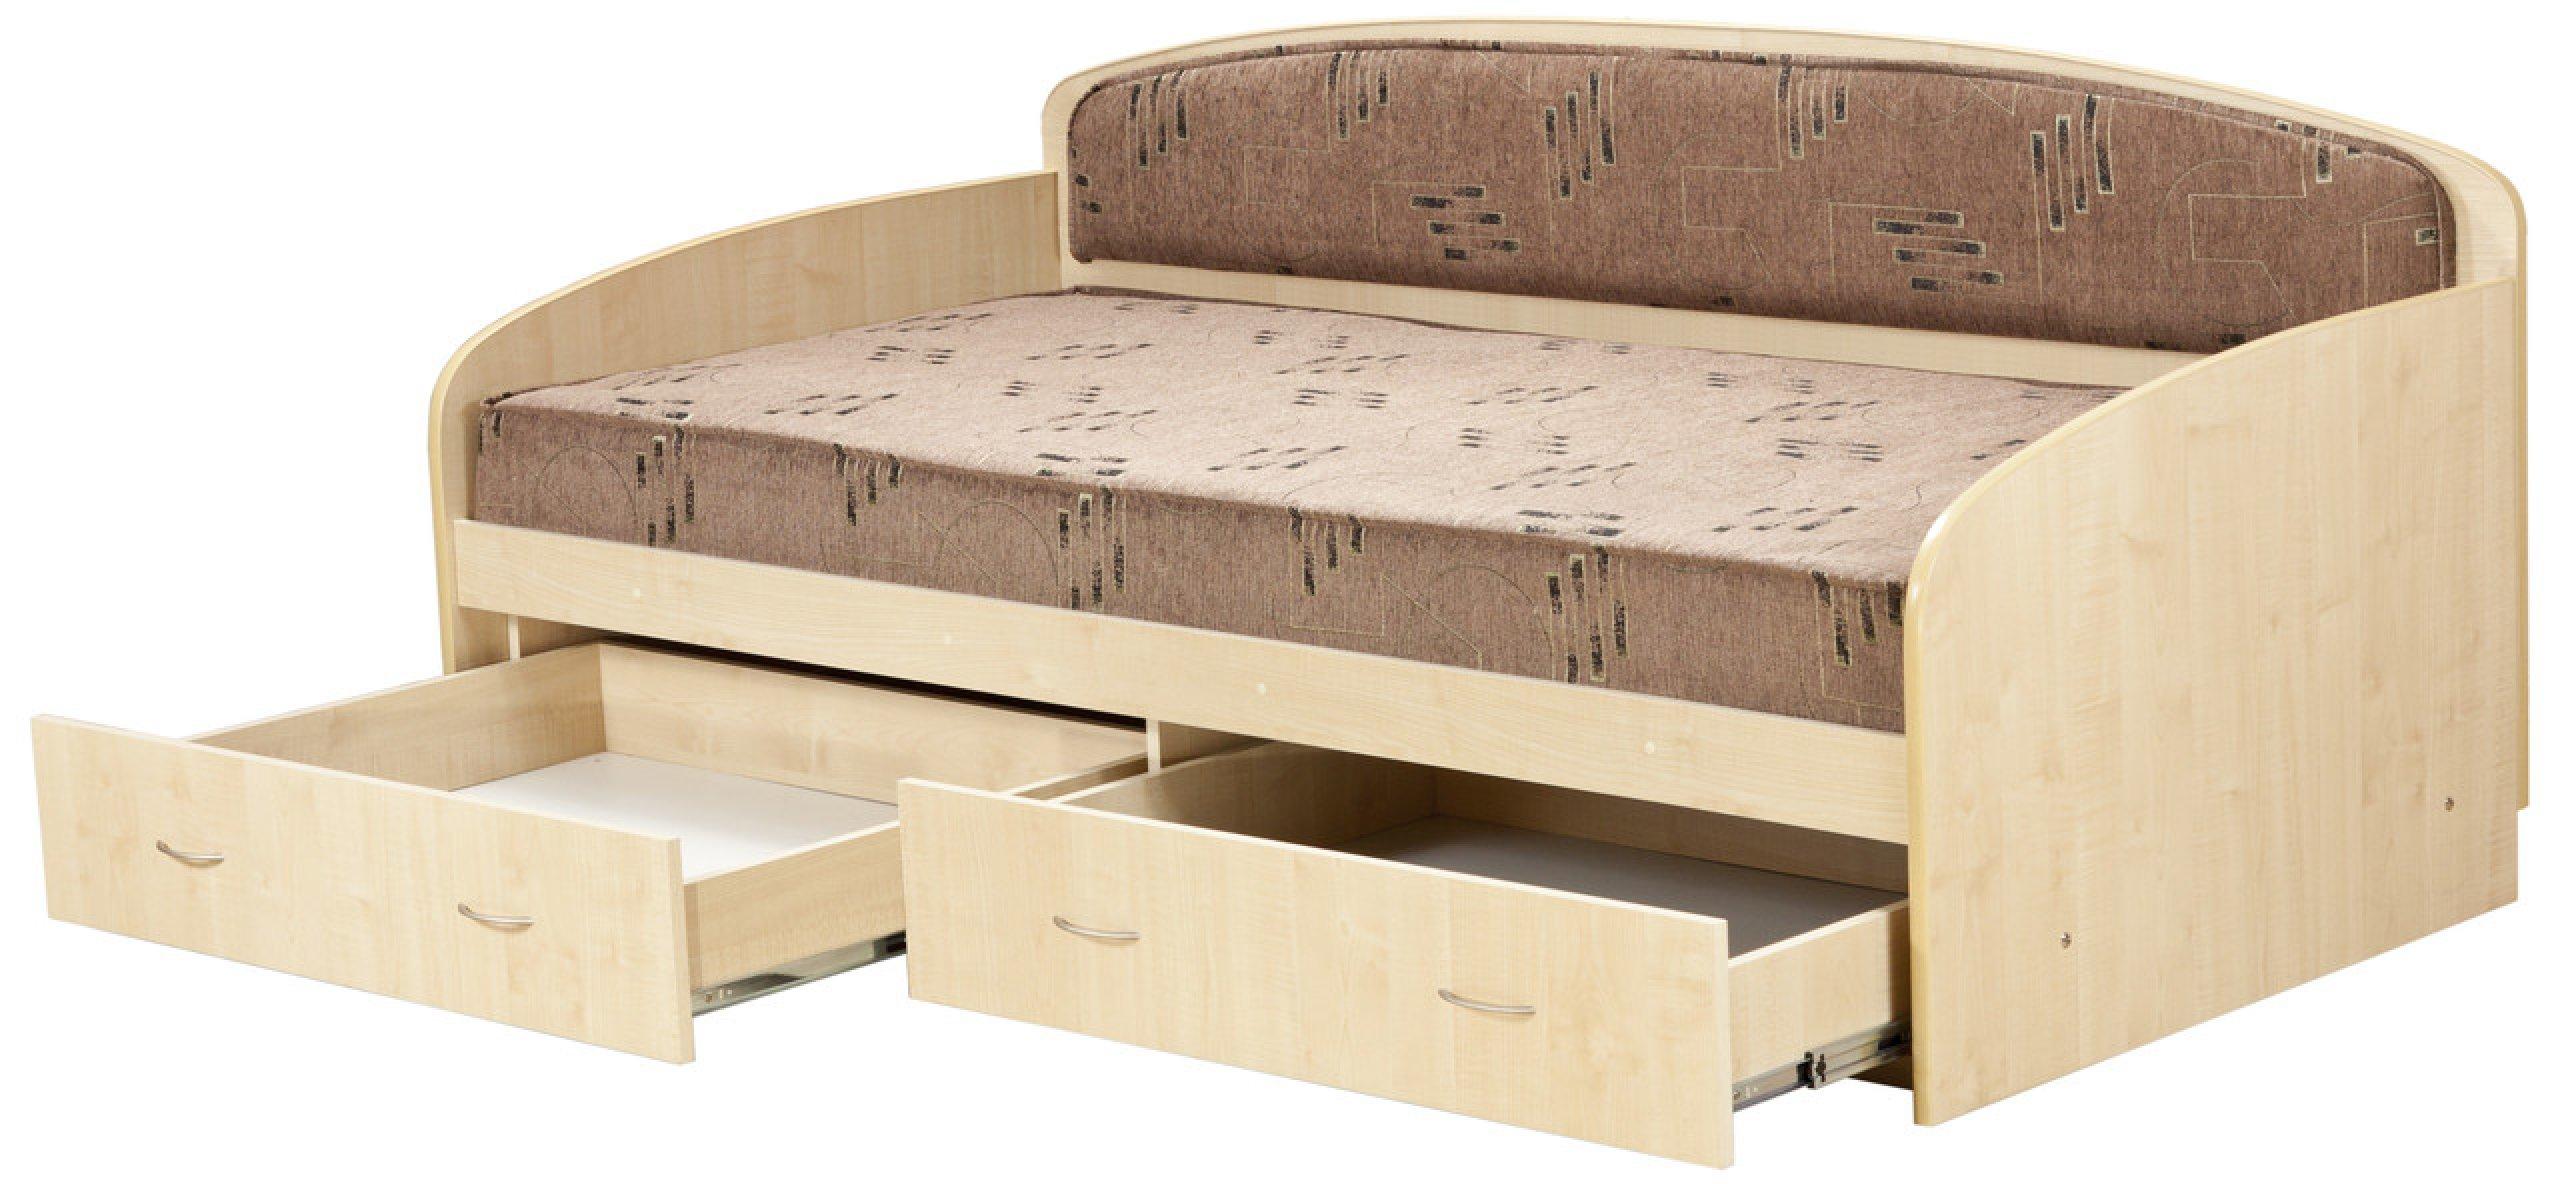 Как сделать диван-Делай сам 34